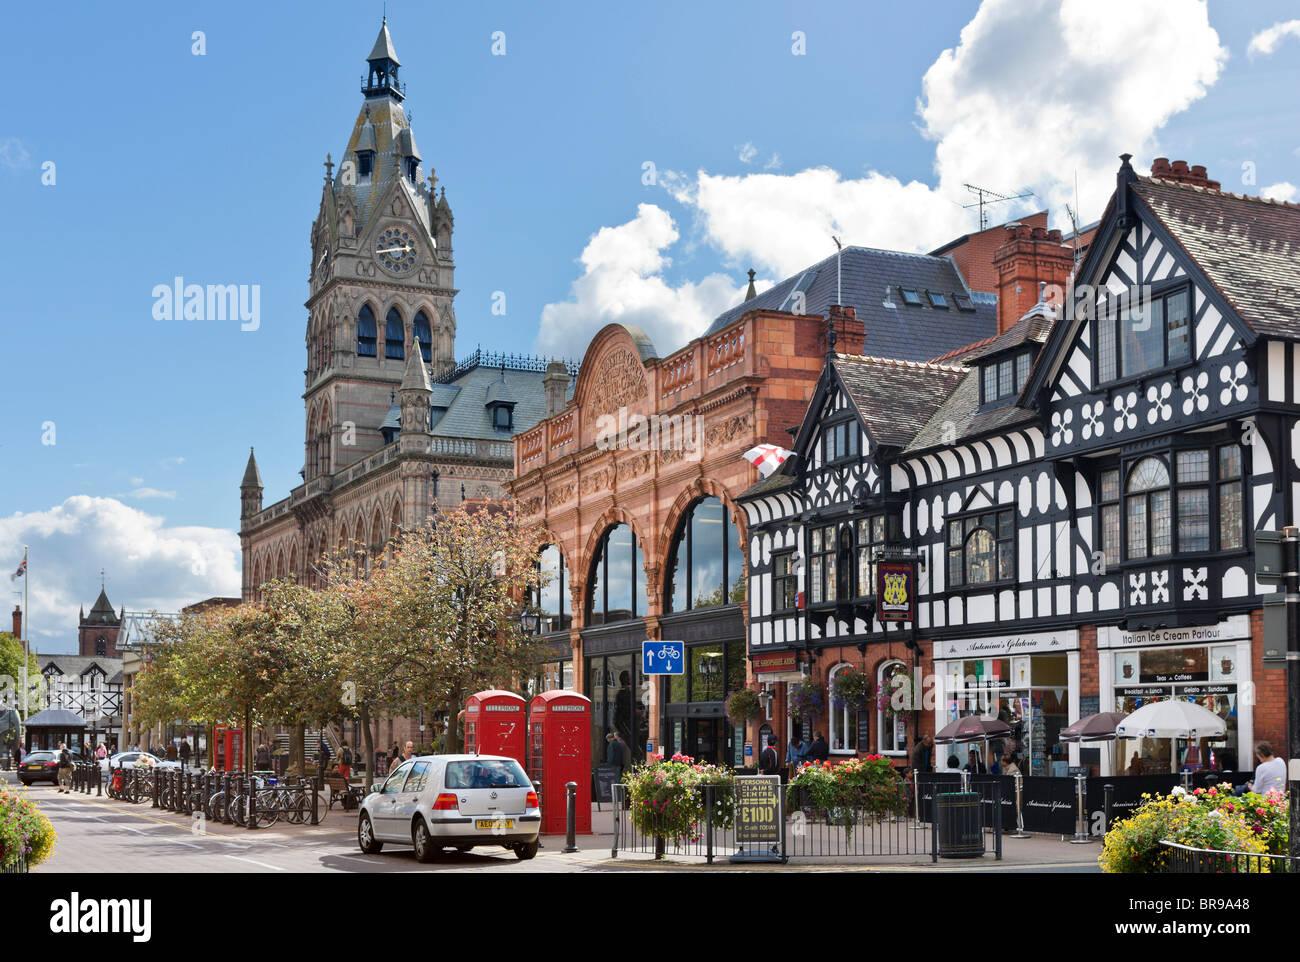 Chester cheshire united kingdom